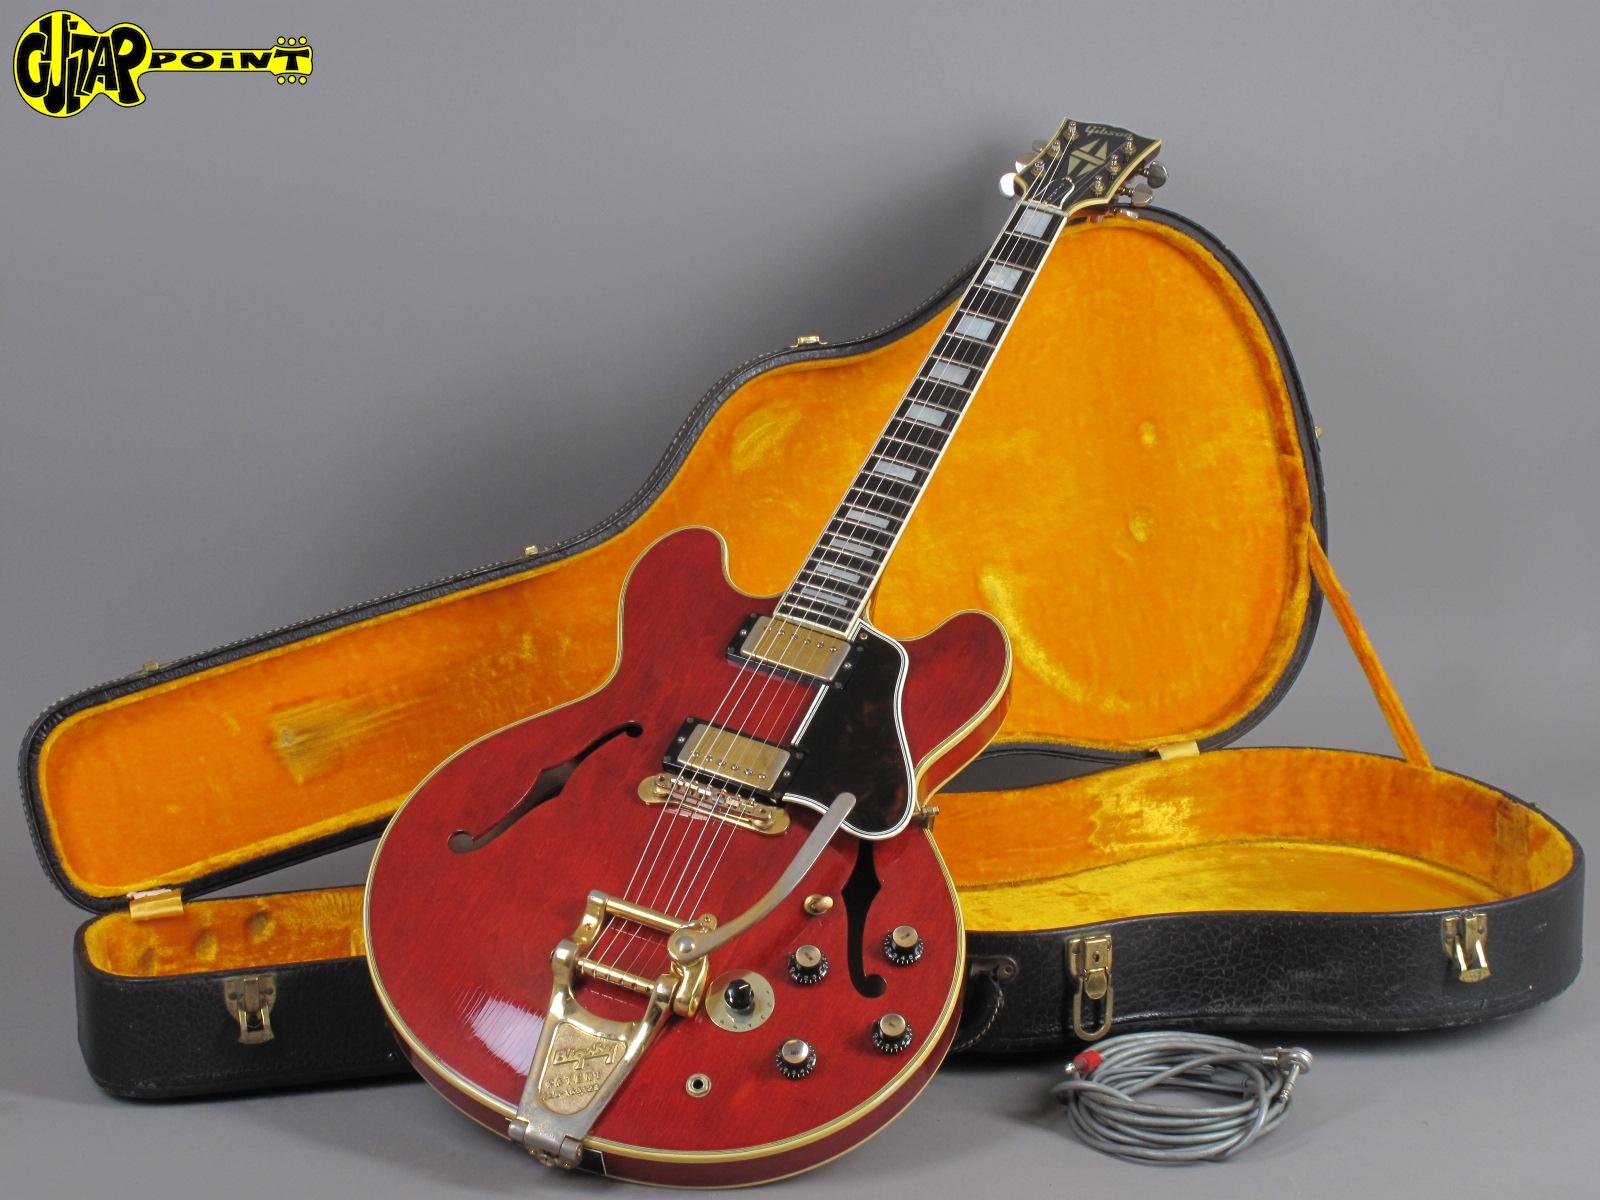 https://guitarpoint.de/app/uploads/products/1961-gibson-es-355-tdsv-cherry-2x-paf/Gibson61ES355TDCH18519_13.jpg